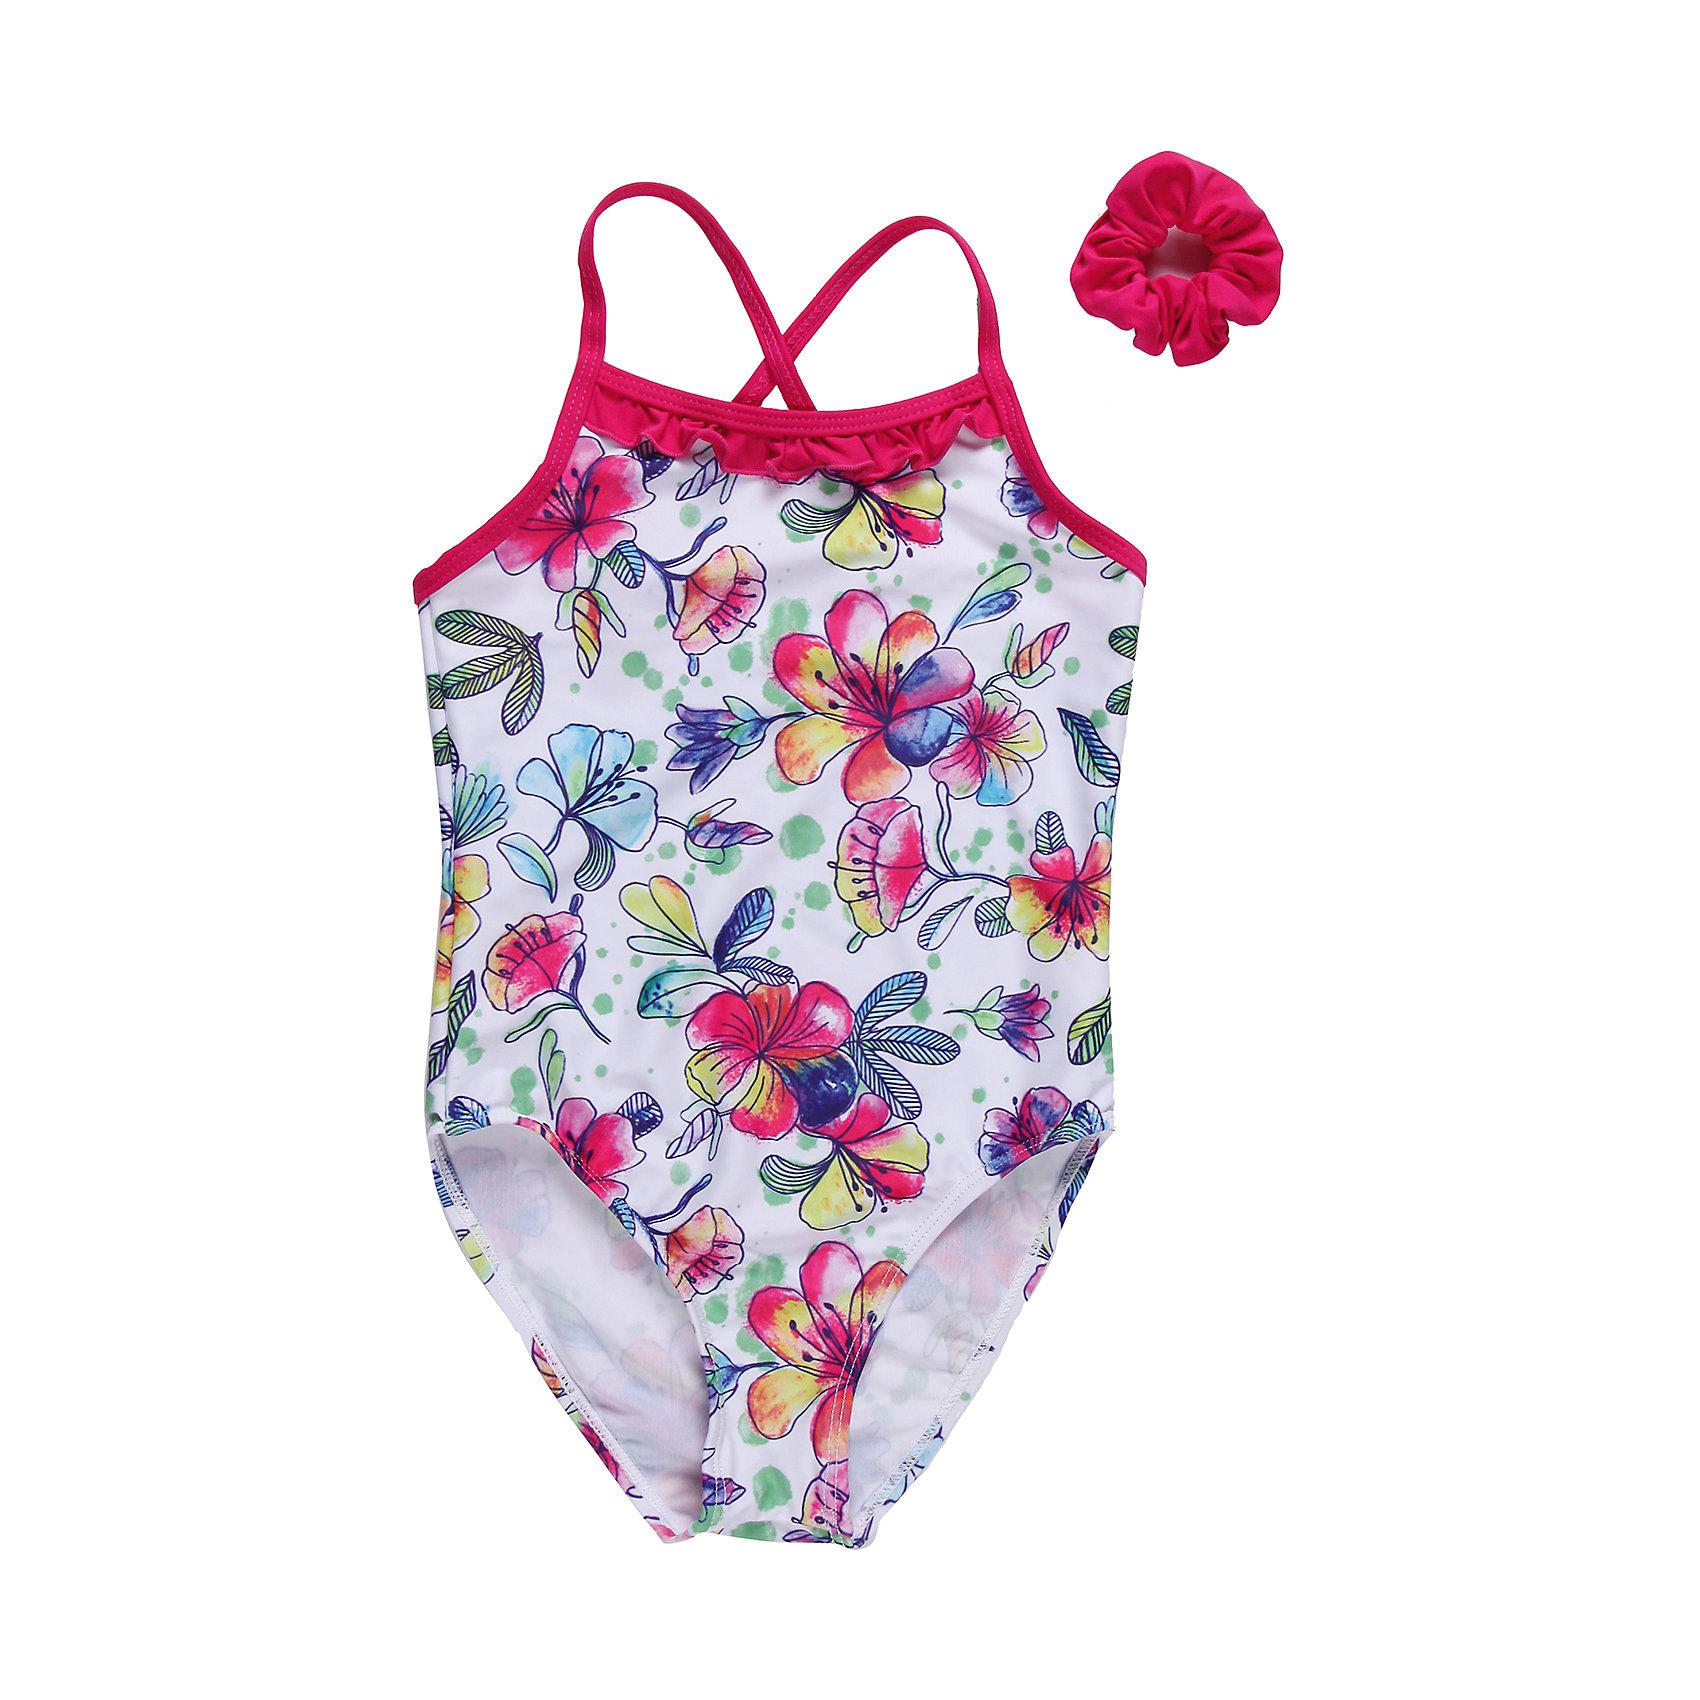 Купальник для девочки Sweet BerryЯркий слитный купальник для девочки, с оригинальным цветочным принтом, отделка из ткани контрастного цвета.<br>Состав:<br>85% нейлон    15% эластан<br><br>Ширина мм: 183<br>Глубина мм: 60<br>Высота мм: 135<br>Вес г: 119<br>Цвет: разноцветный<br>Возраст от месяцев: 36<br>Возраст до месяцев: 48<br>Пол: Женский<br>Возраст: Детский<br>Размер: 116,98,140,128,110,104<br>SKU: 4521297